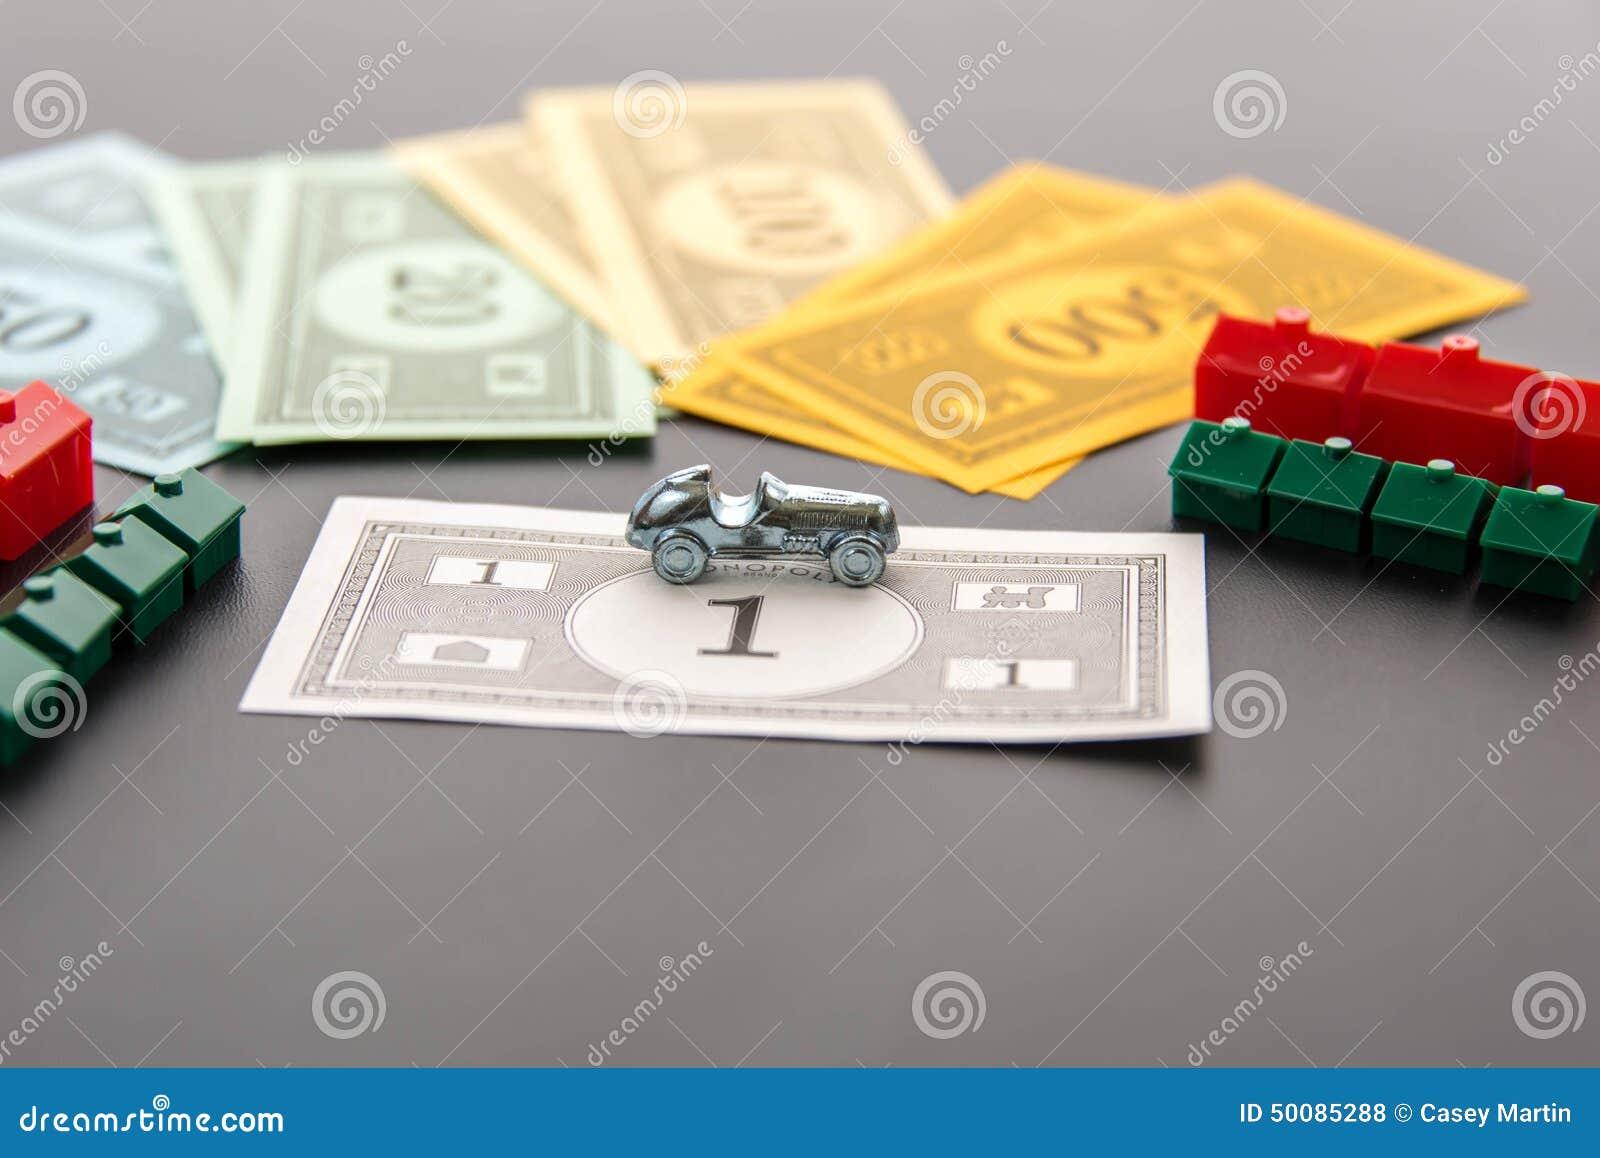 8 février 2015 : Houston, TX, Etats-Unis Voiture de monopole, argent, hôtels